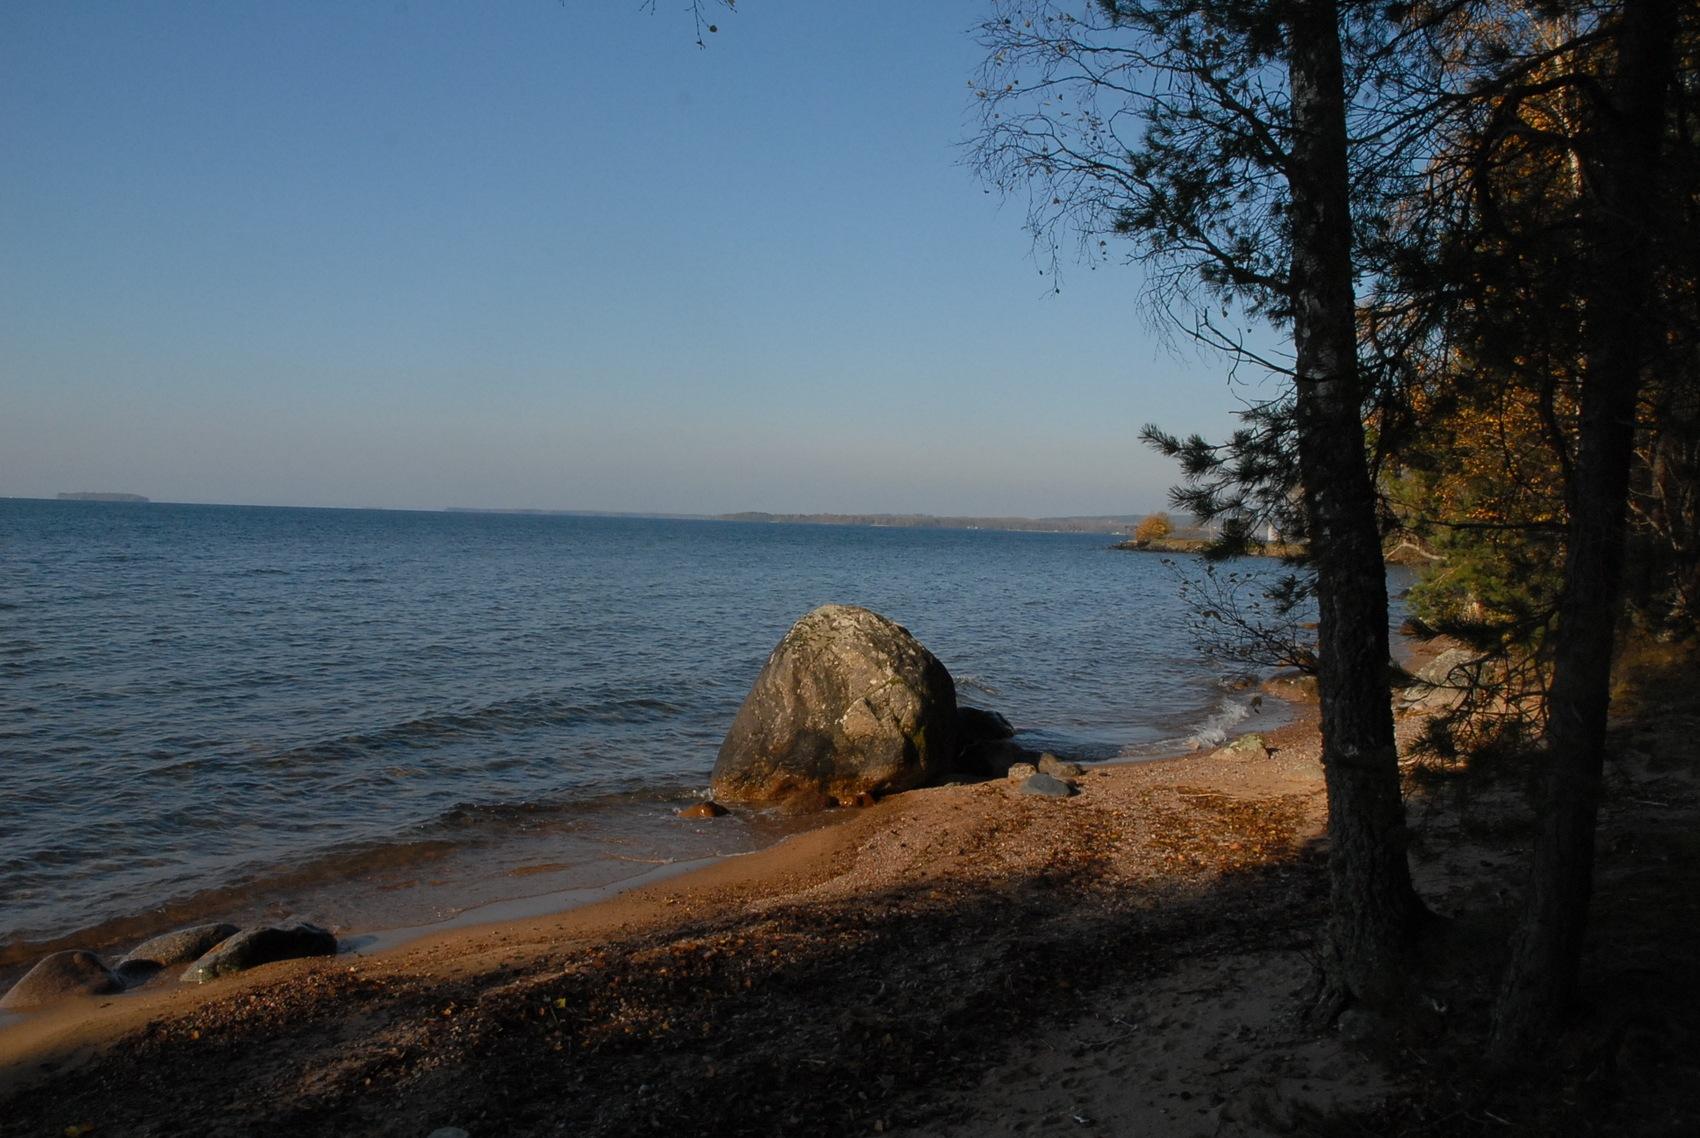 Liten strandkant. I vattenbrynet ligger en stor sten.